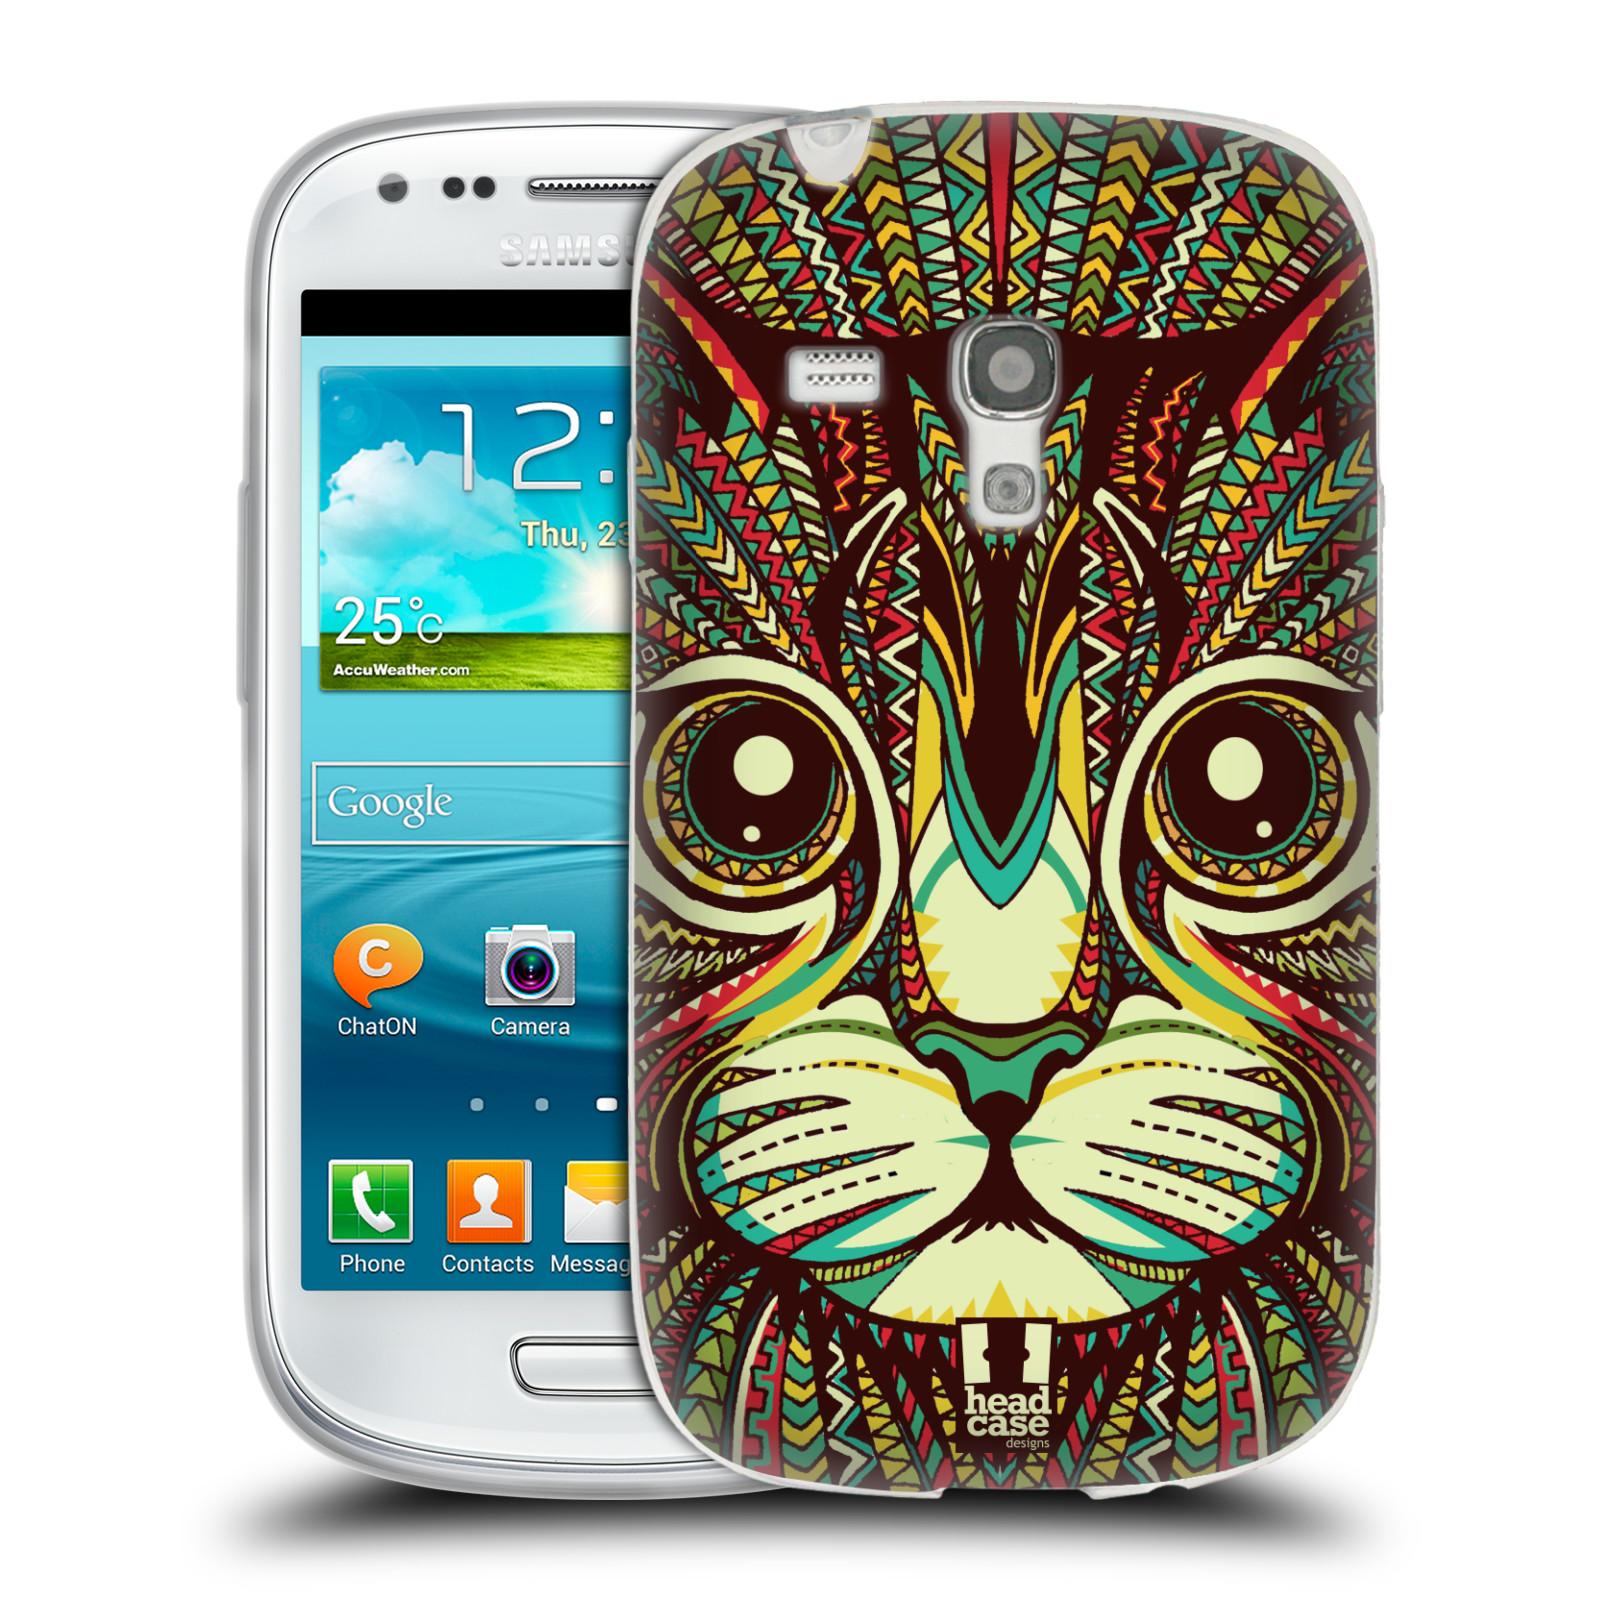 HEAD CASE silikonový obal na mobil Samsung Galaxy S3 MINI i8190 vzor Aztécký motiv zvíře 2 kotě